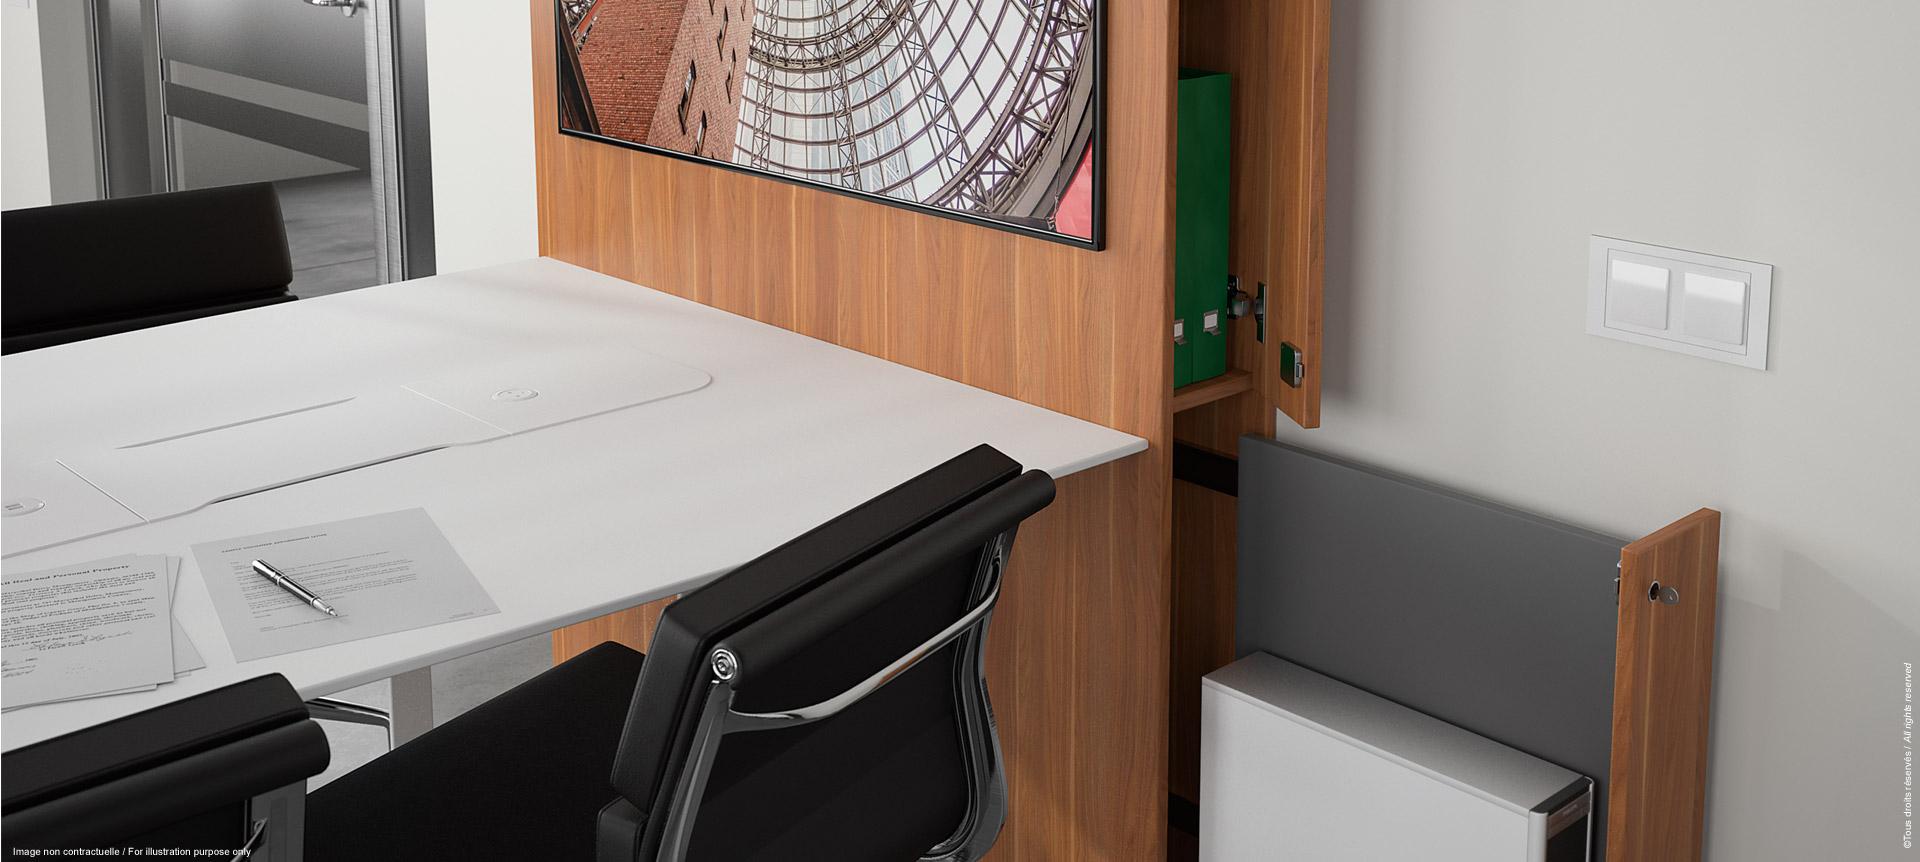 WEMEET SHARE FIXED - Table de réunion multimédia avec meuble rangement